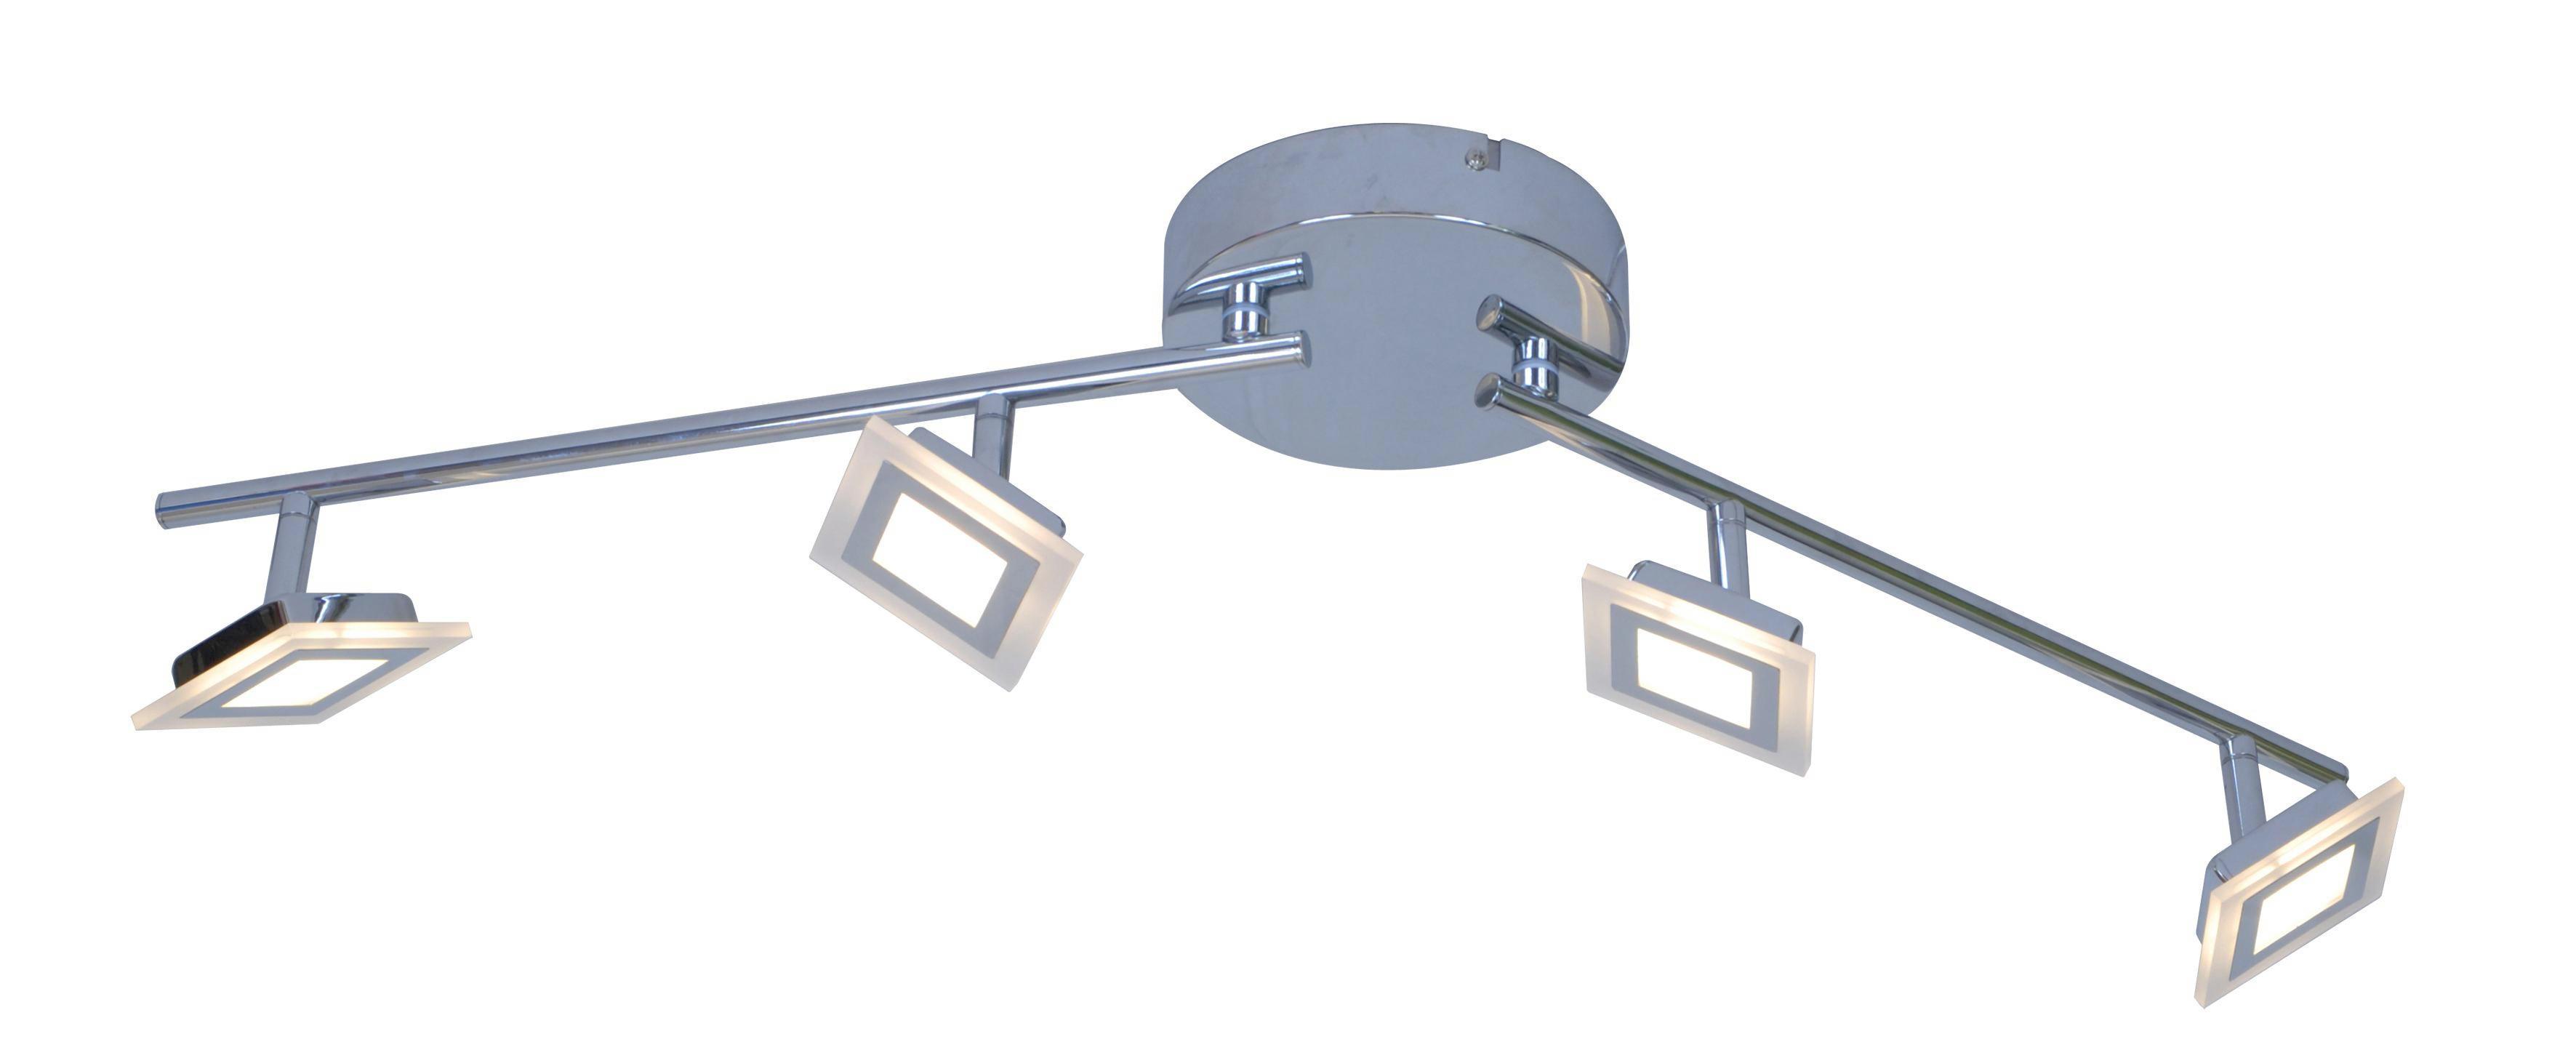 LED-STRAHLER - Design, Kunststoff/Metall (88/12/14cm)